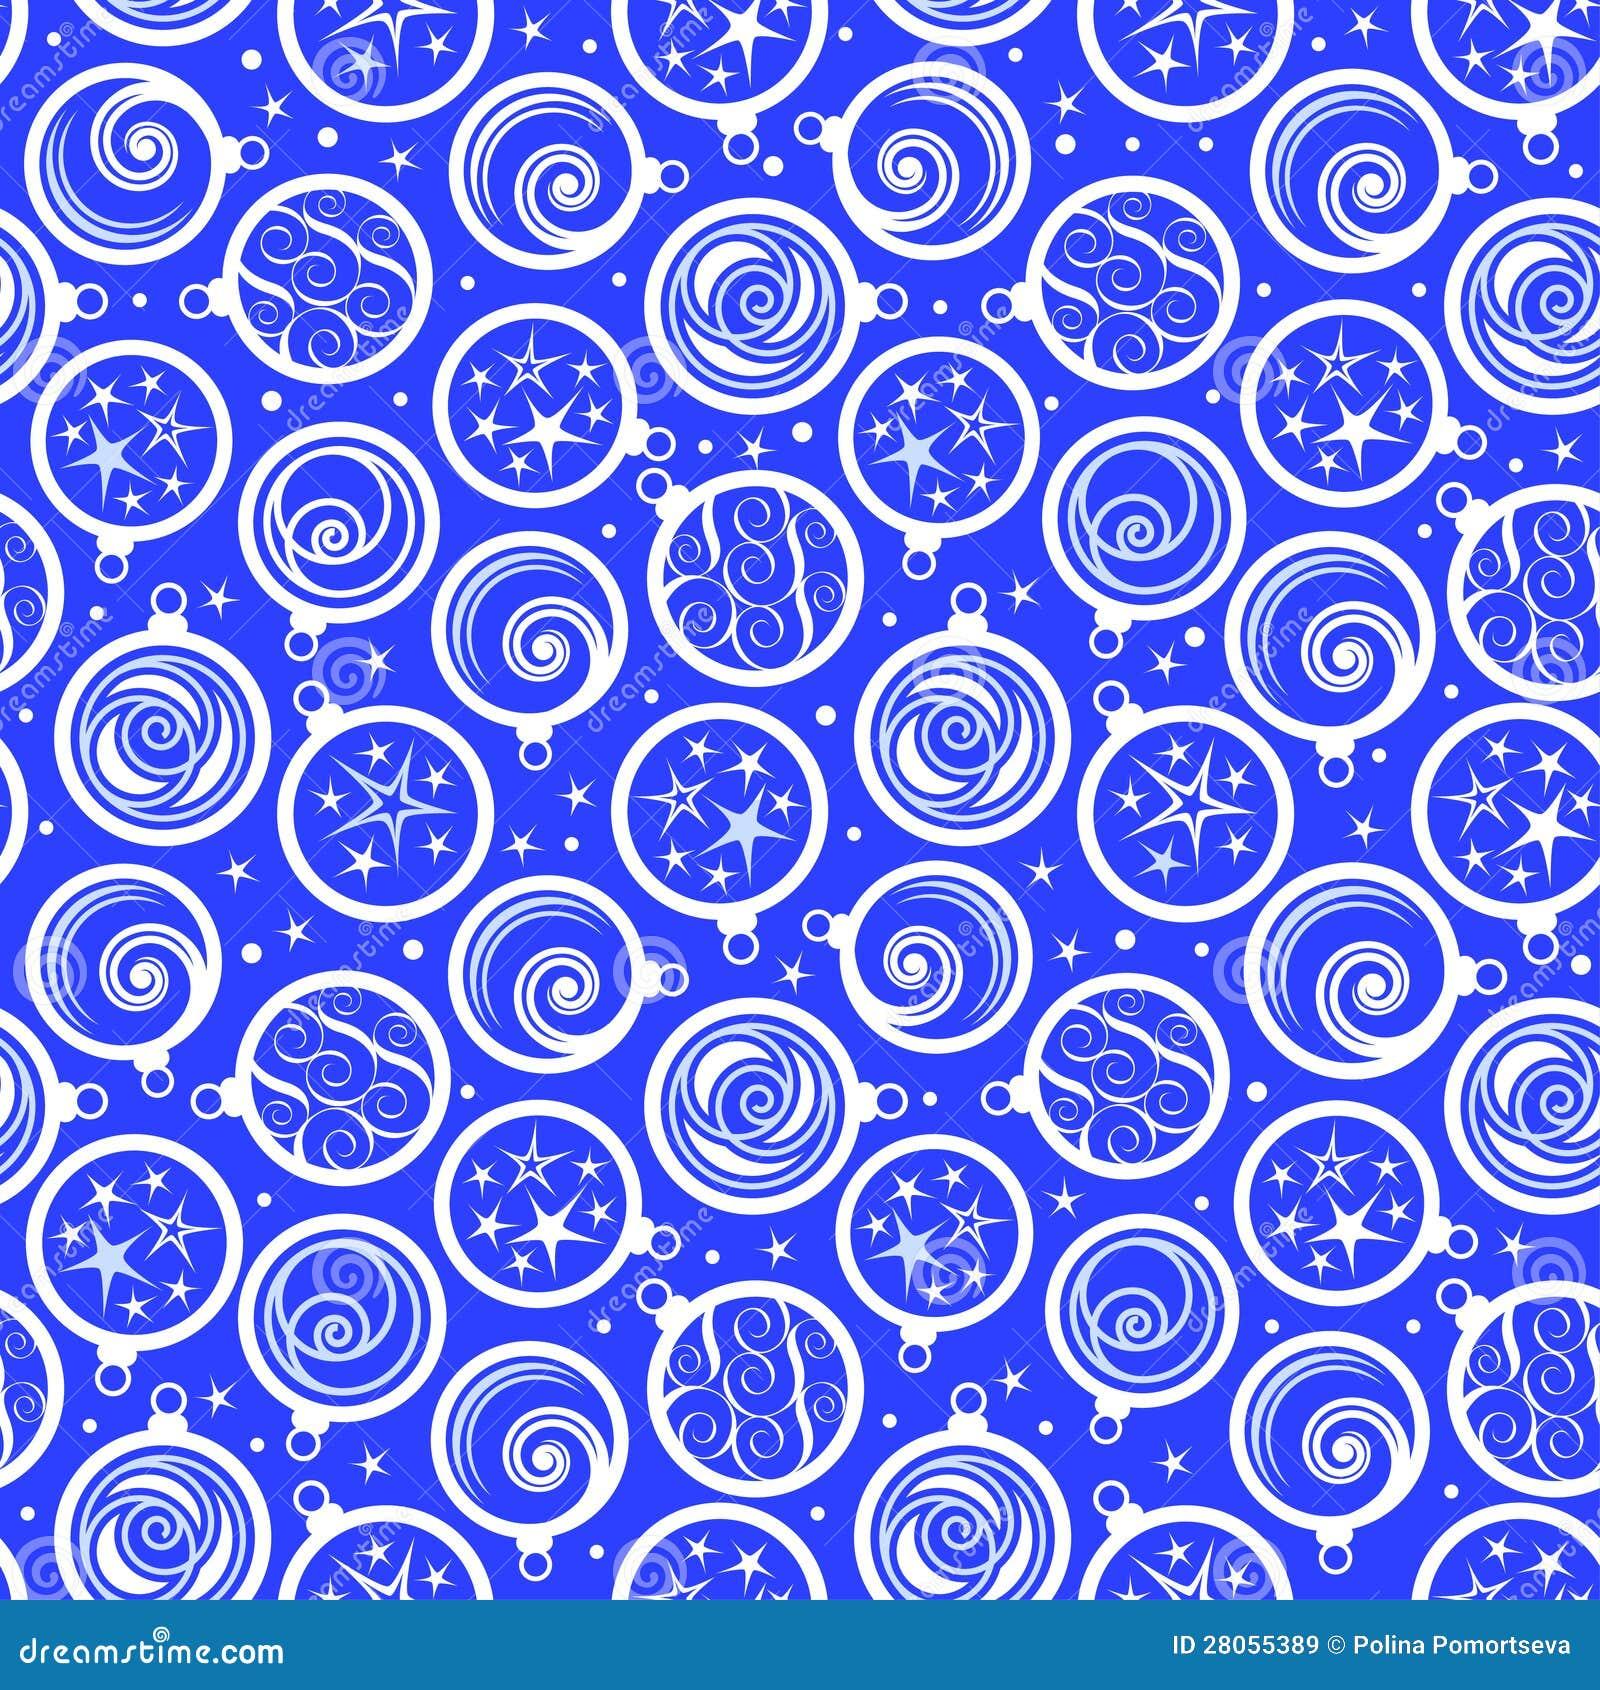 pattern royalty background patterns - photo #29